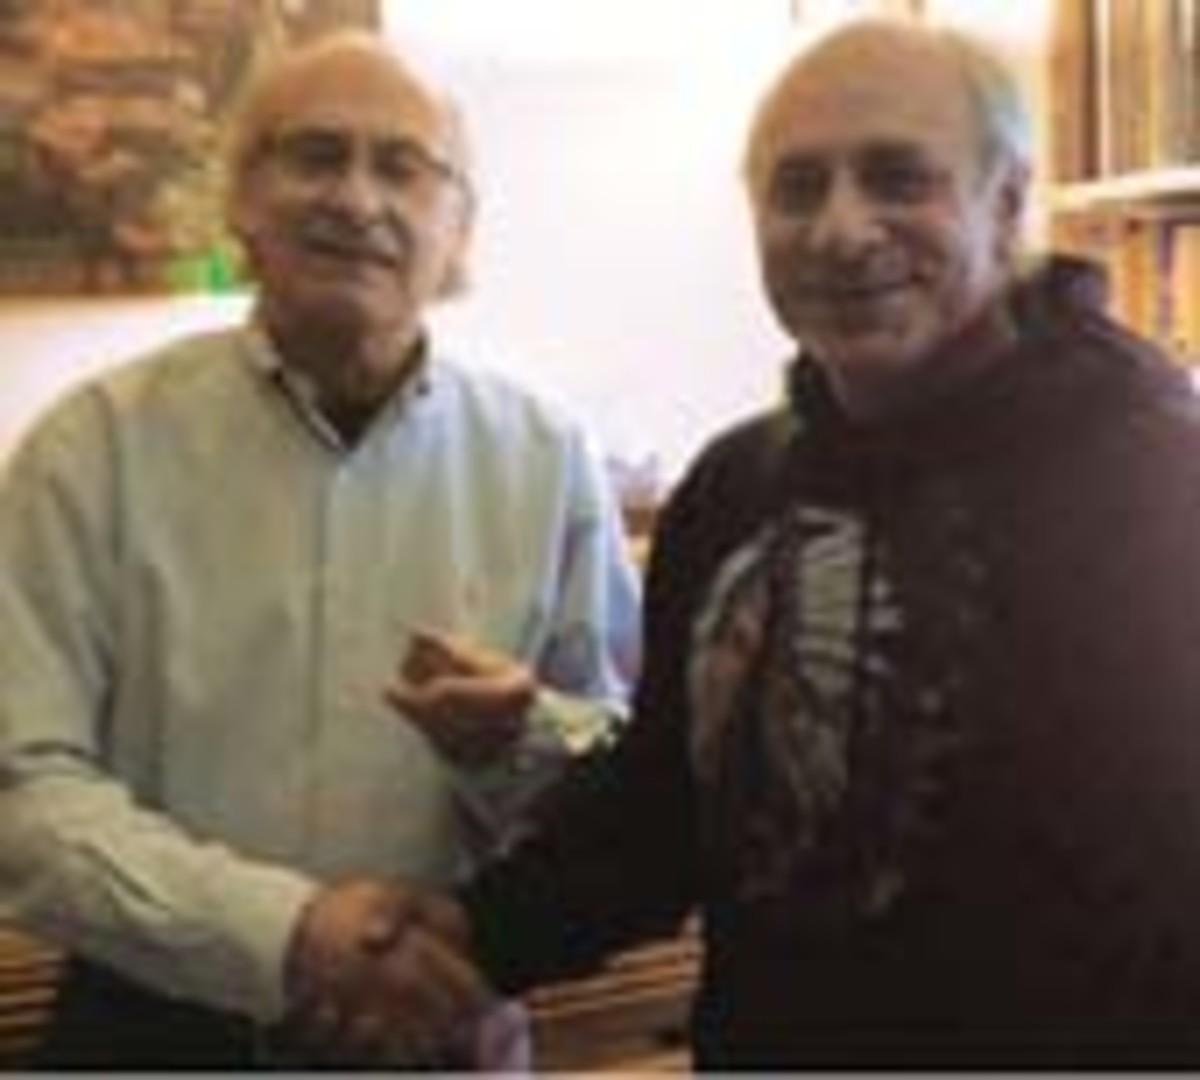 Carl Feldman receives Nettleship Award